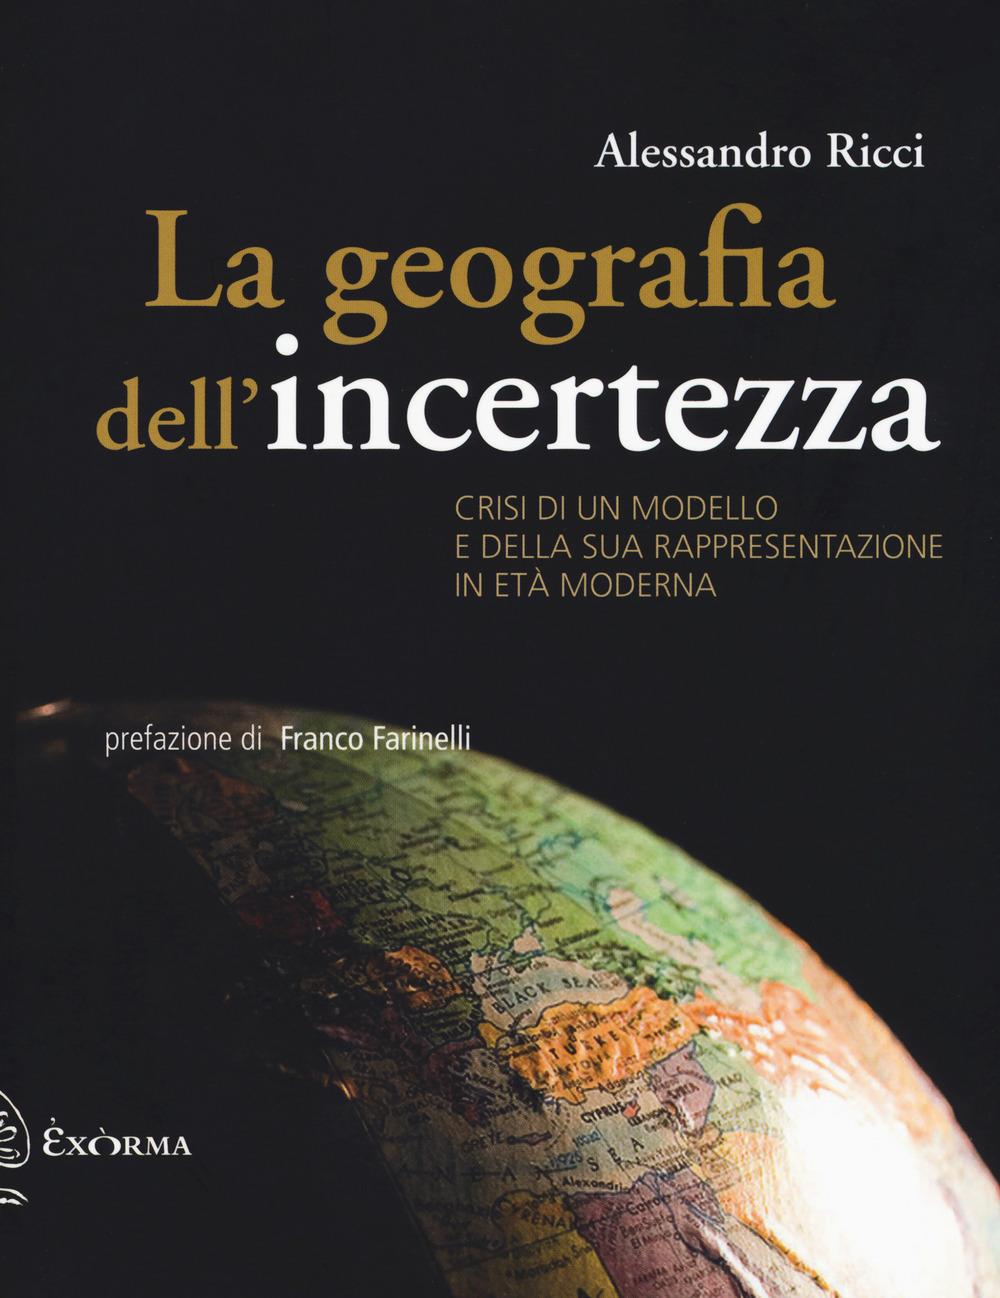 LA GEOGRAFIA DELL'INCERTEZZA